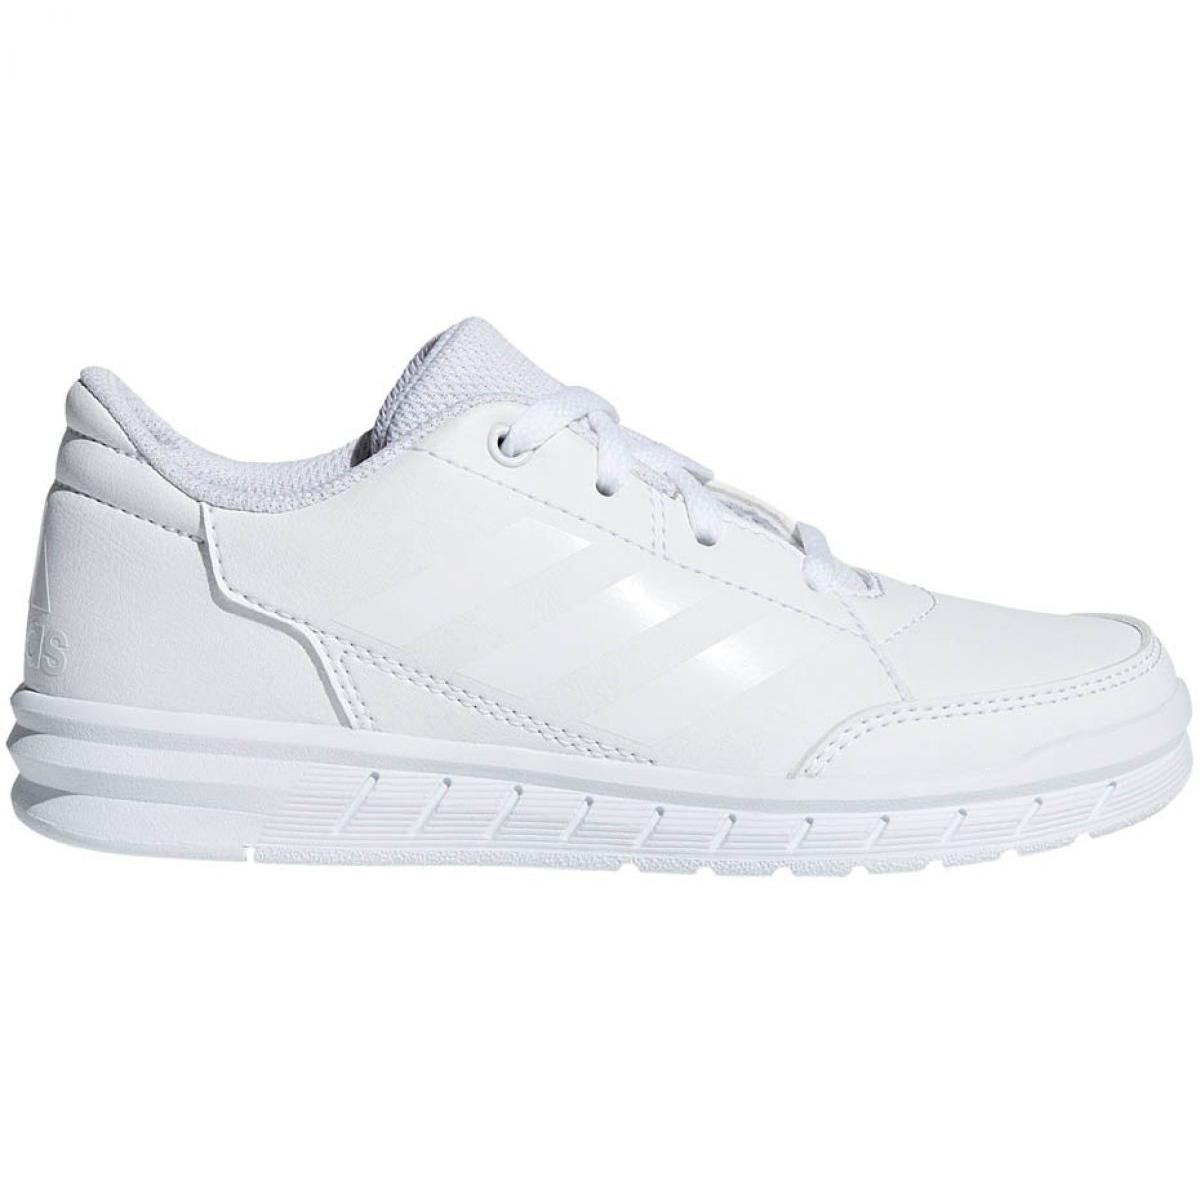 Adidas Weiß JrD96874 Schuhe Altasport K UVpzSMq